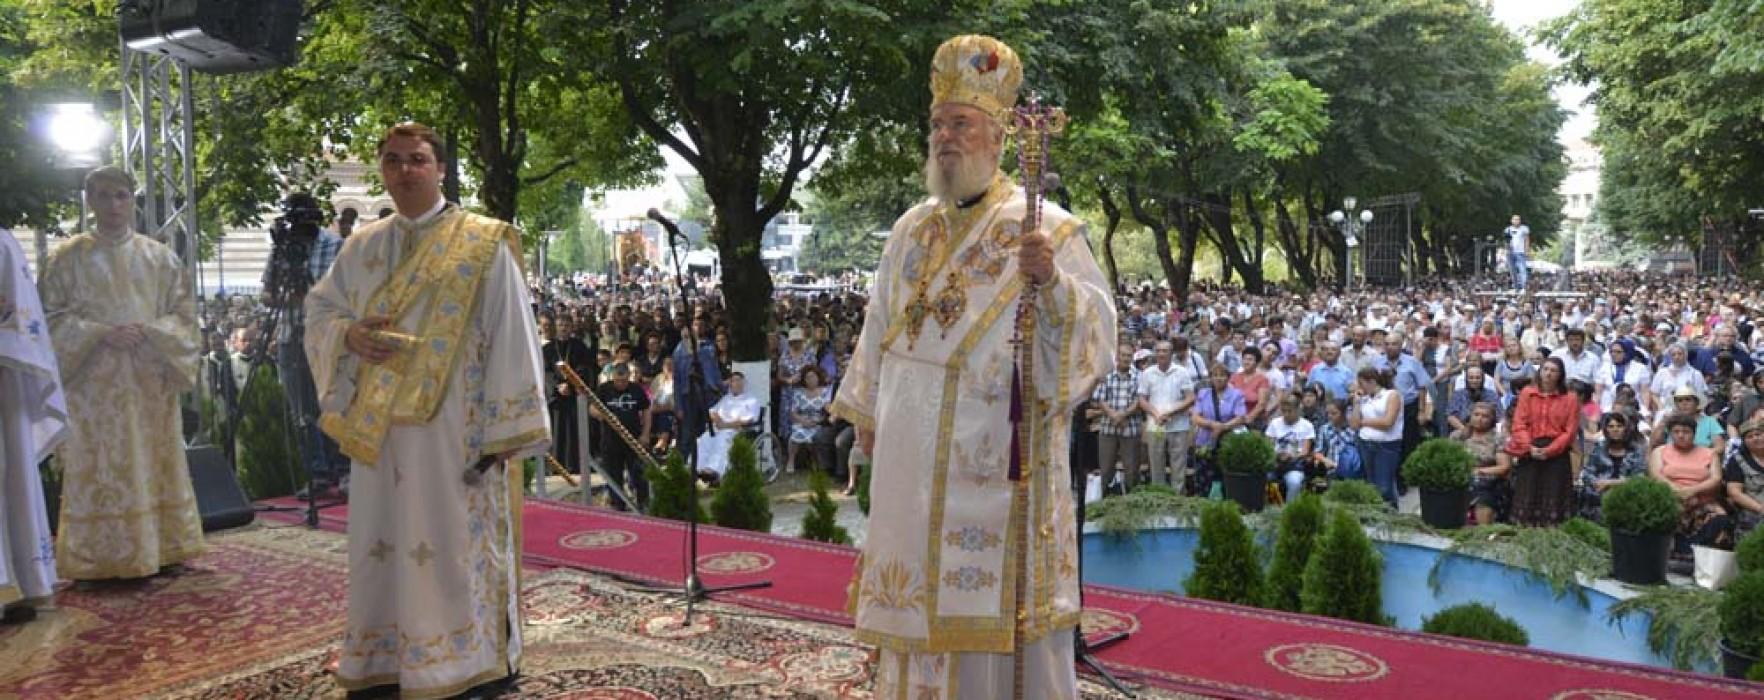 Arhiepiscopia Târgovişte: 20.000 de credincioşi la manifestările de Sf. Nifon